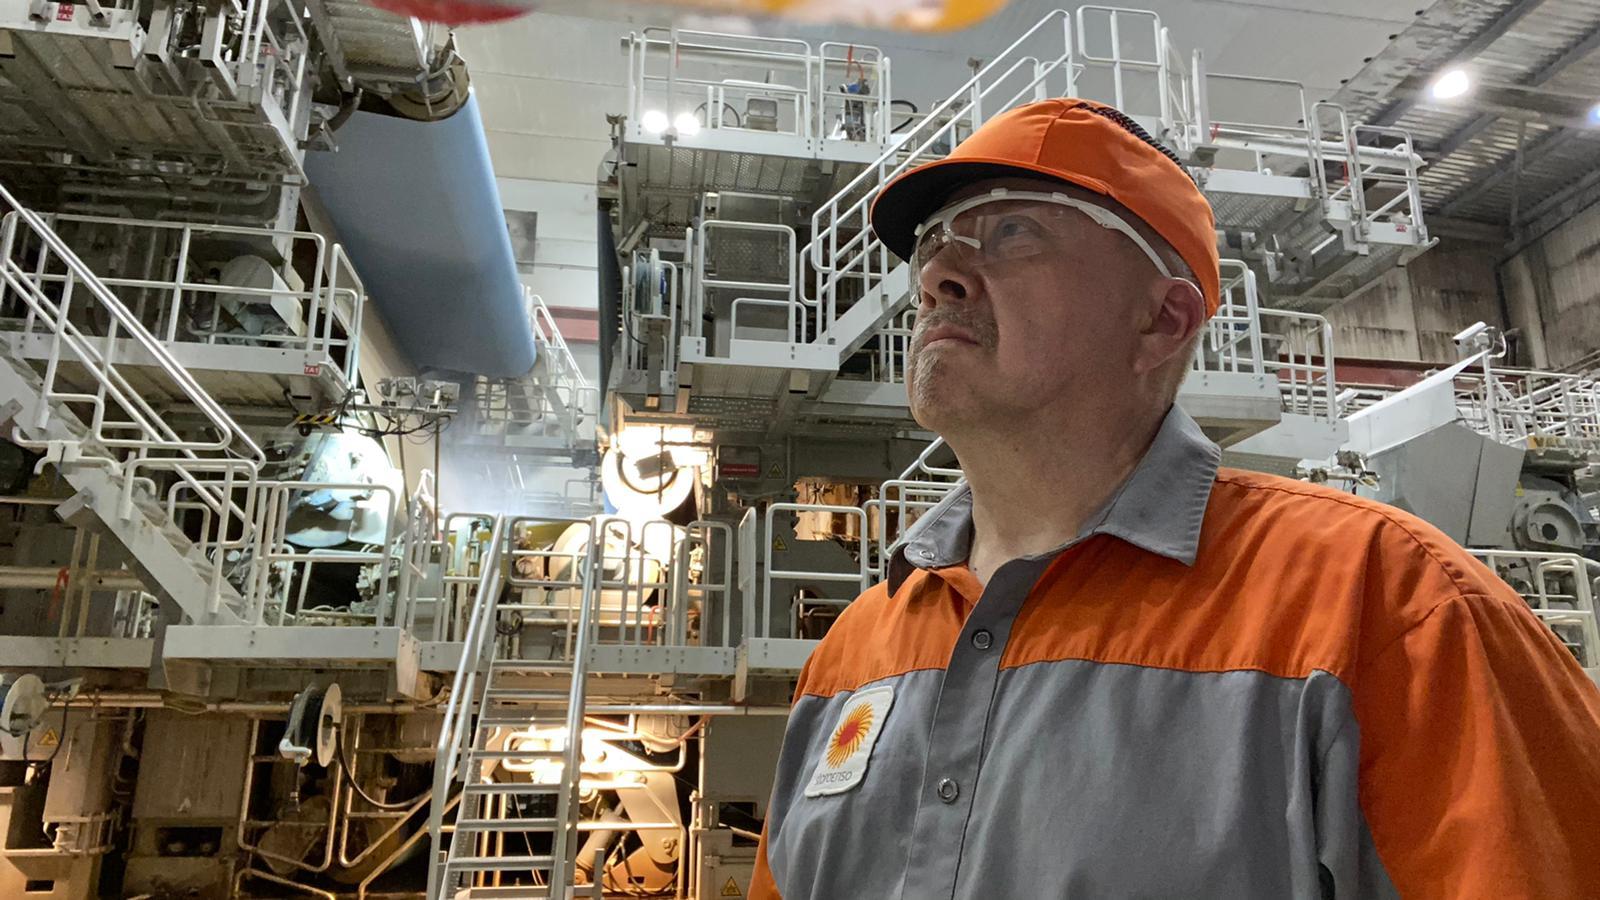 Varkauden osasto 14 hallituksen jäsen Hannu Kanniainen työskentelee operaattorina PK3:lla.